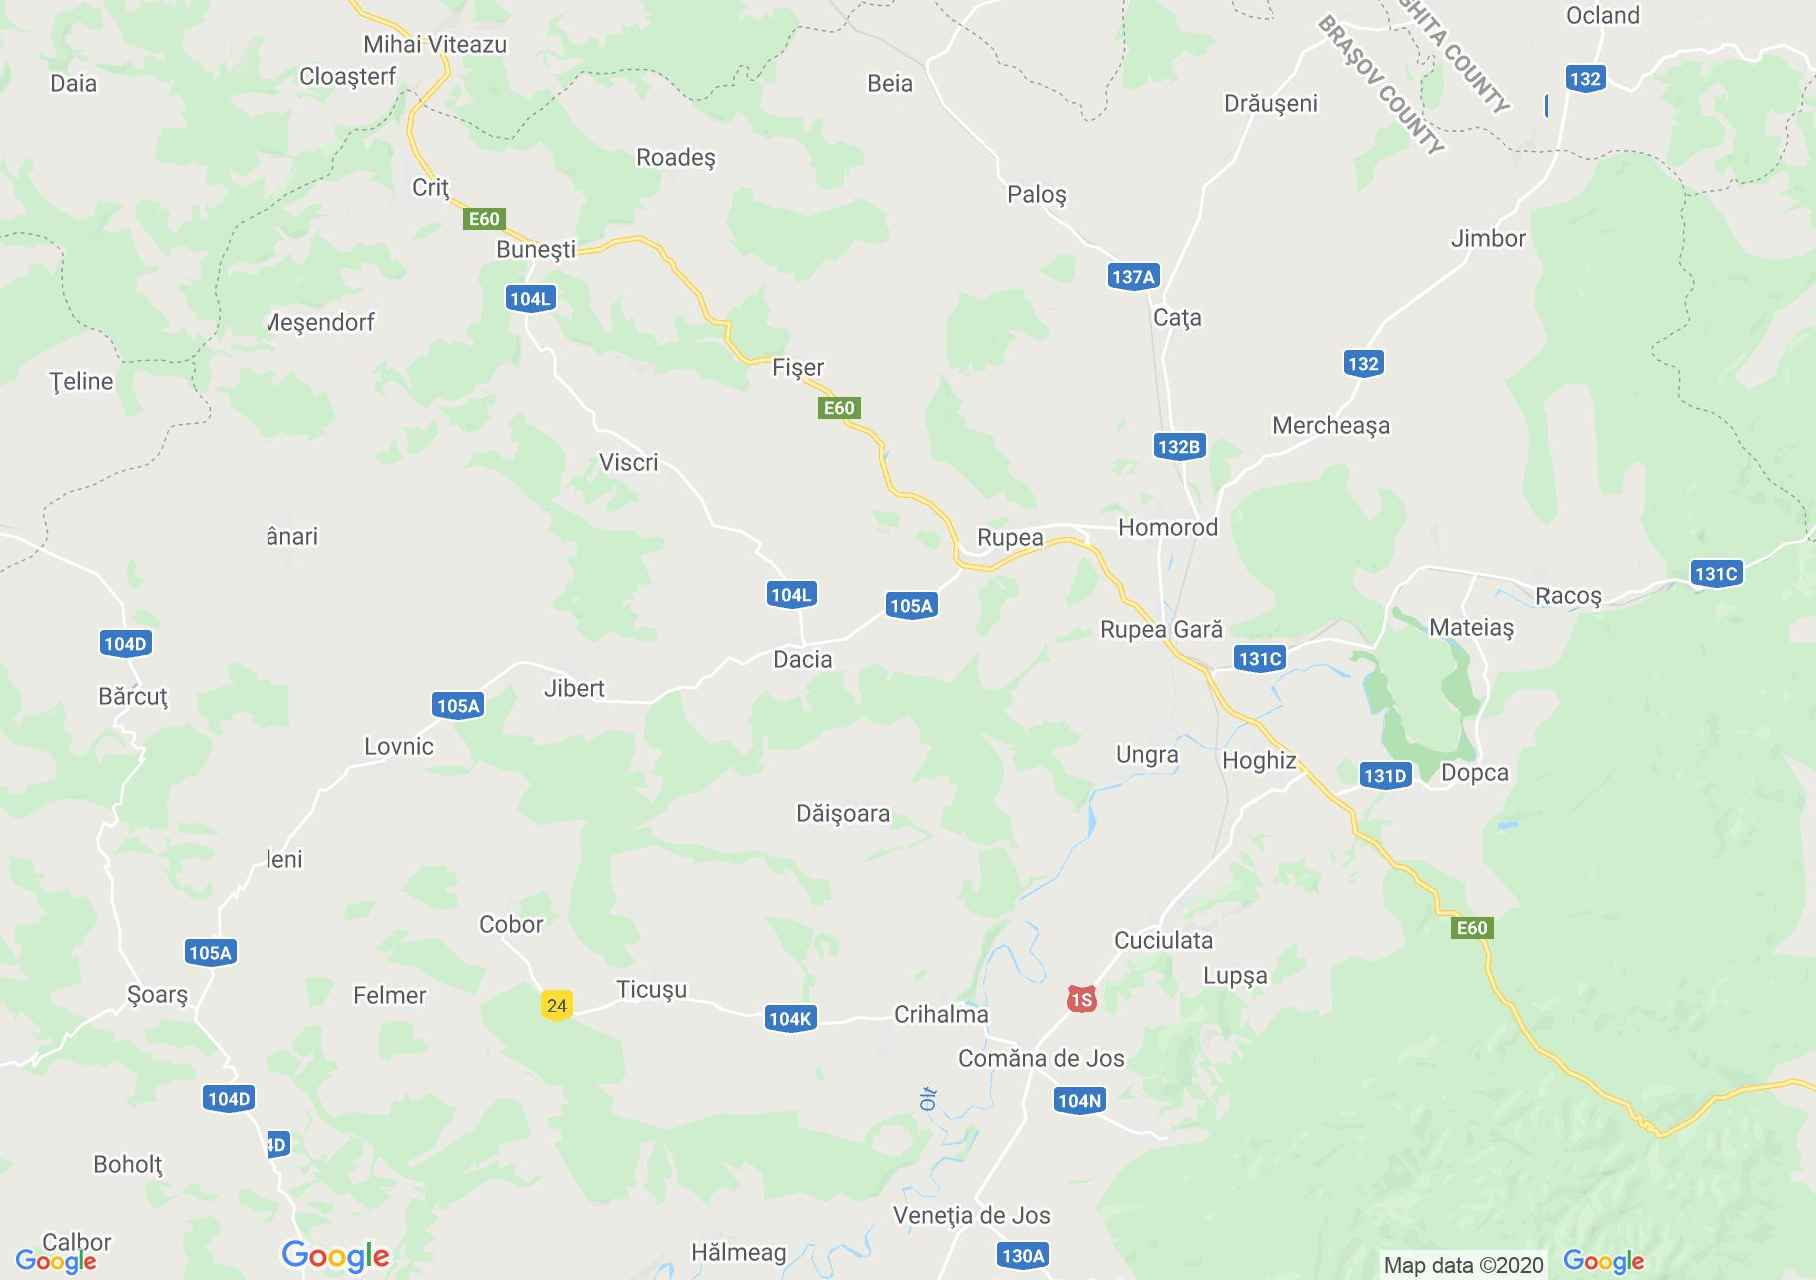 Zona Braşov-Sighişoara, Harta turistică interactivă